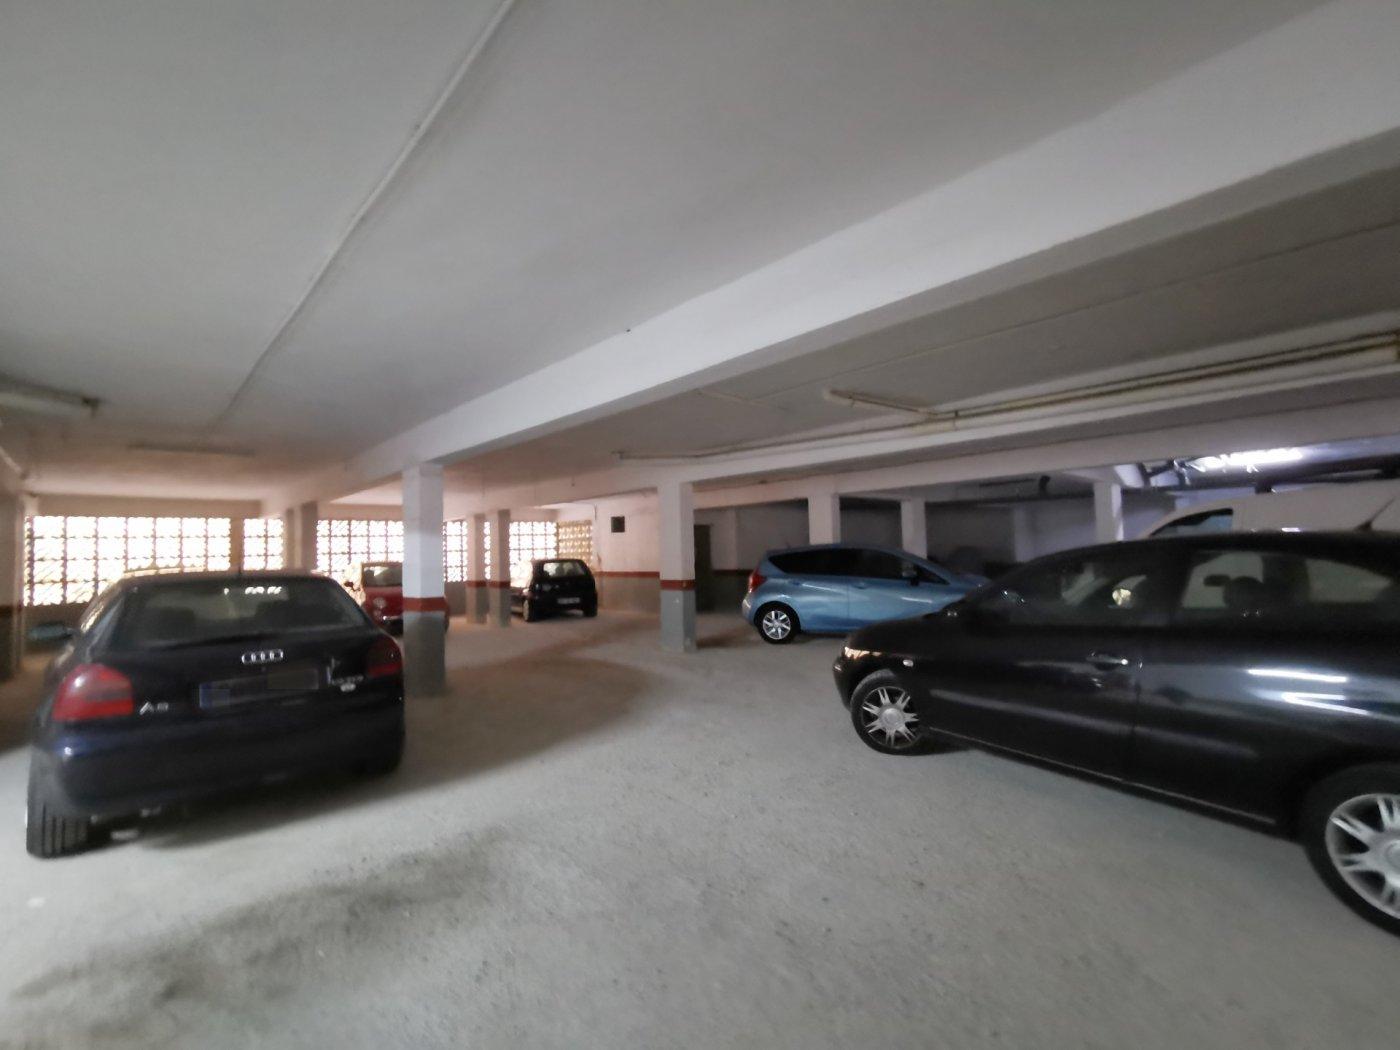 Se vende piso de dos dormitorios con piscina y parking comunitaria - imagenInmueble16